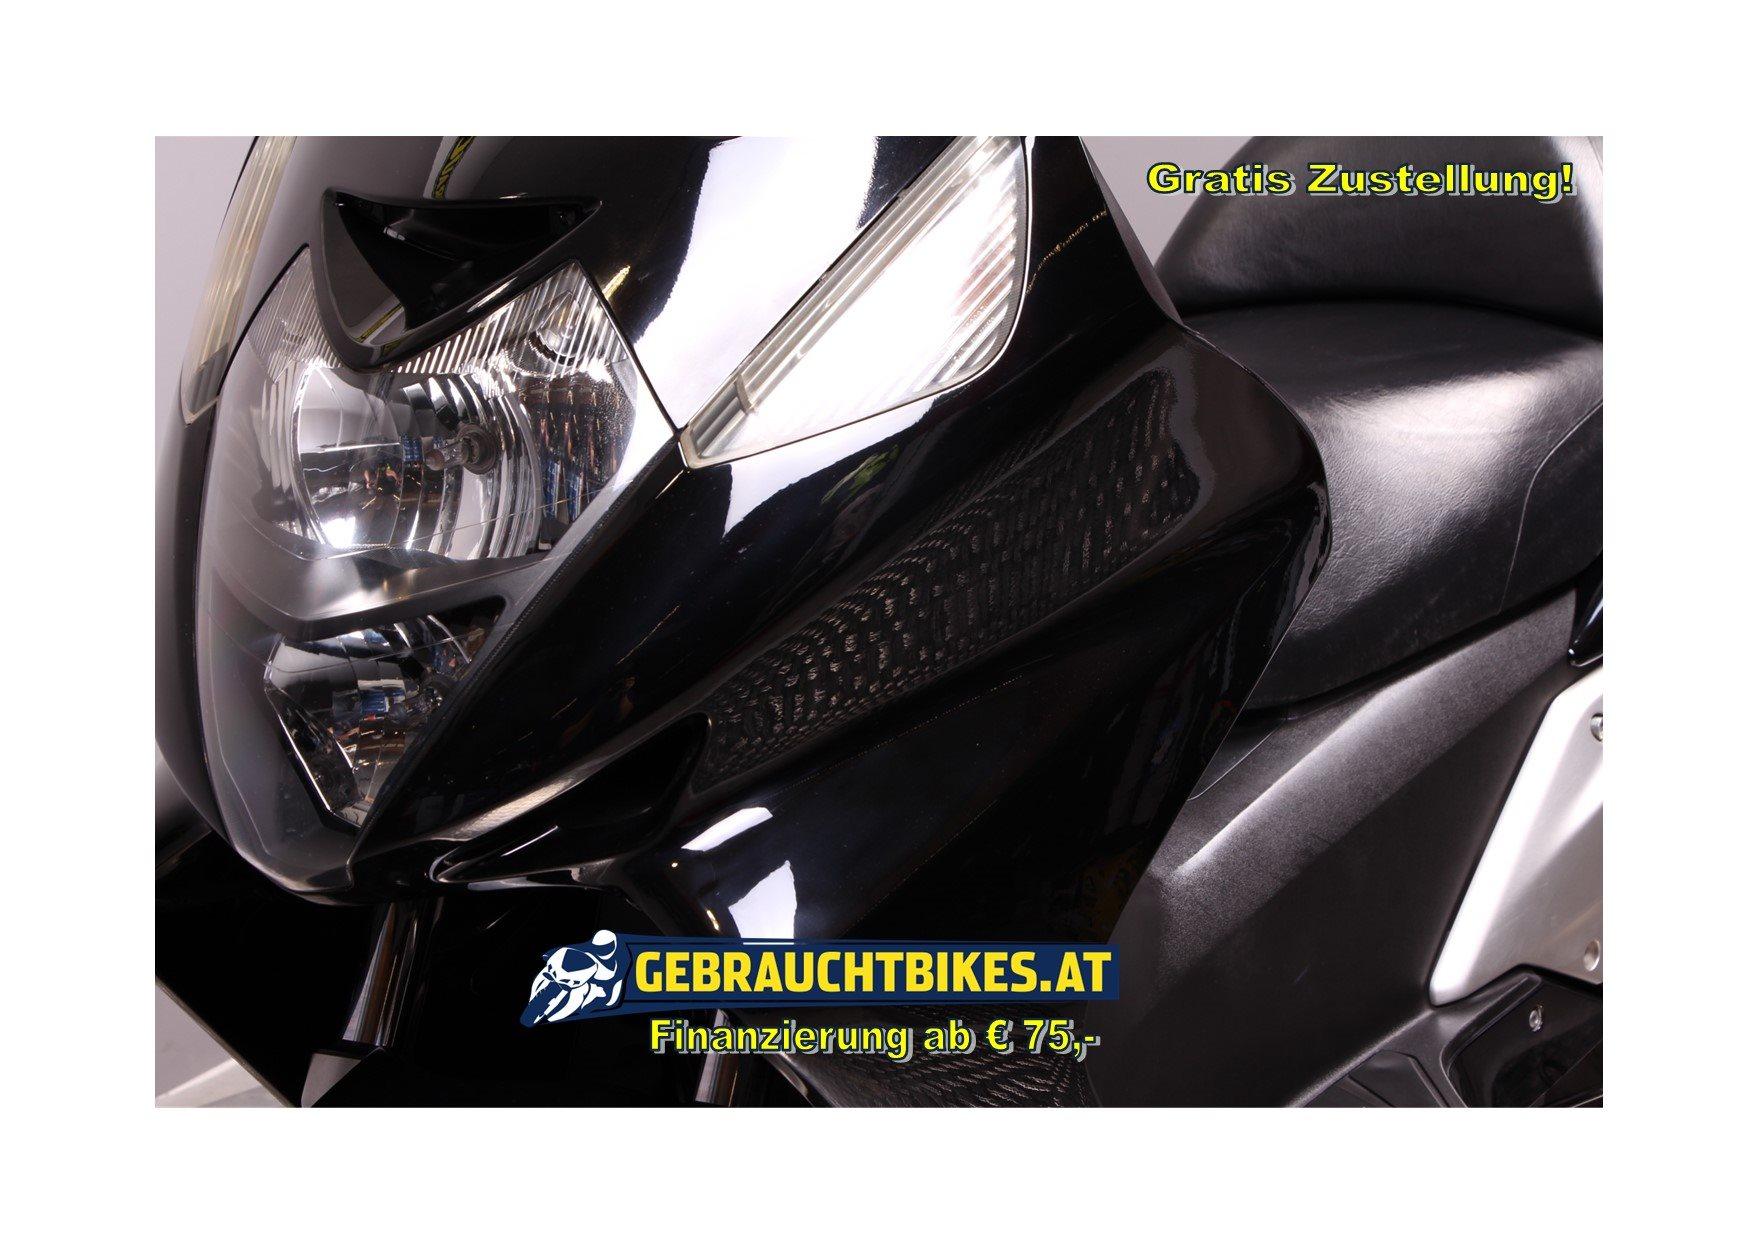 Honda Silver Wing 600 Motorrad, gebraucht